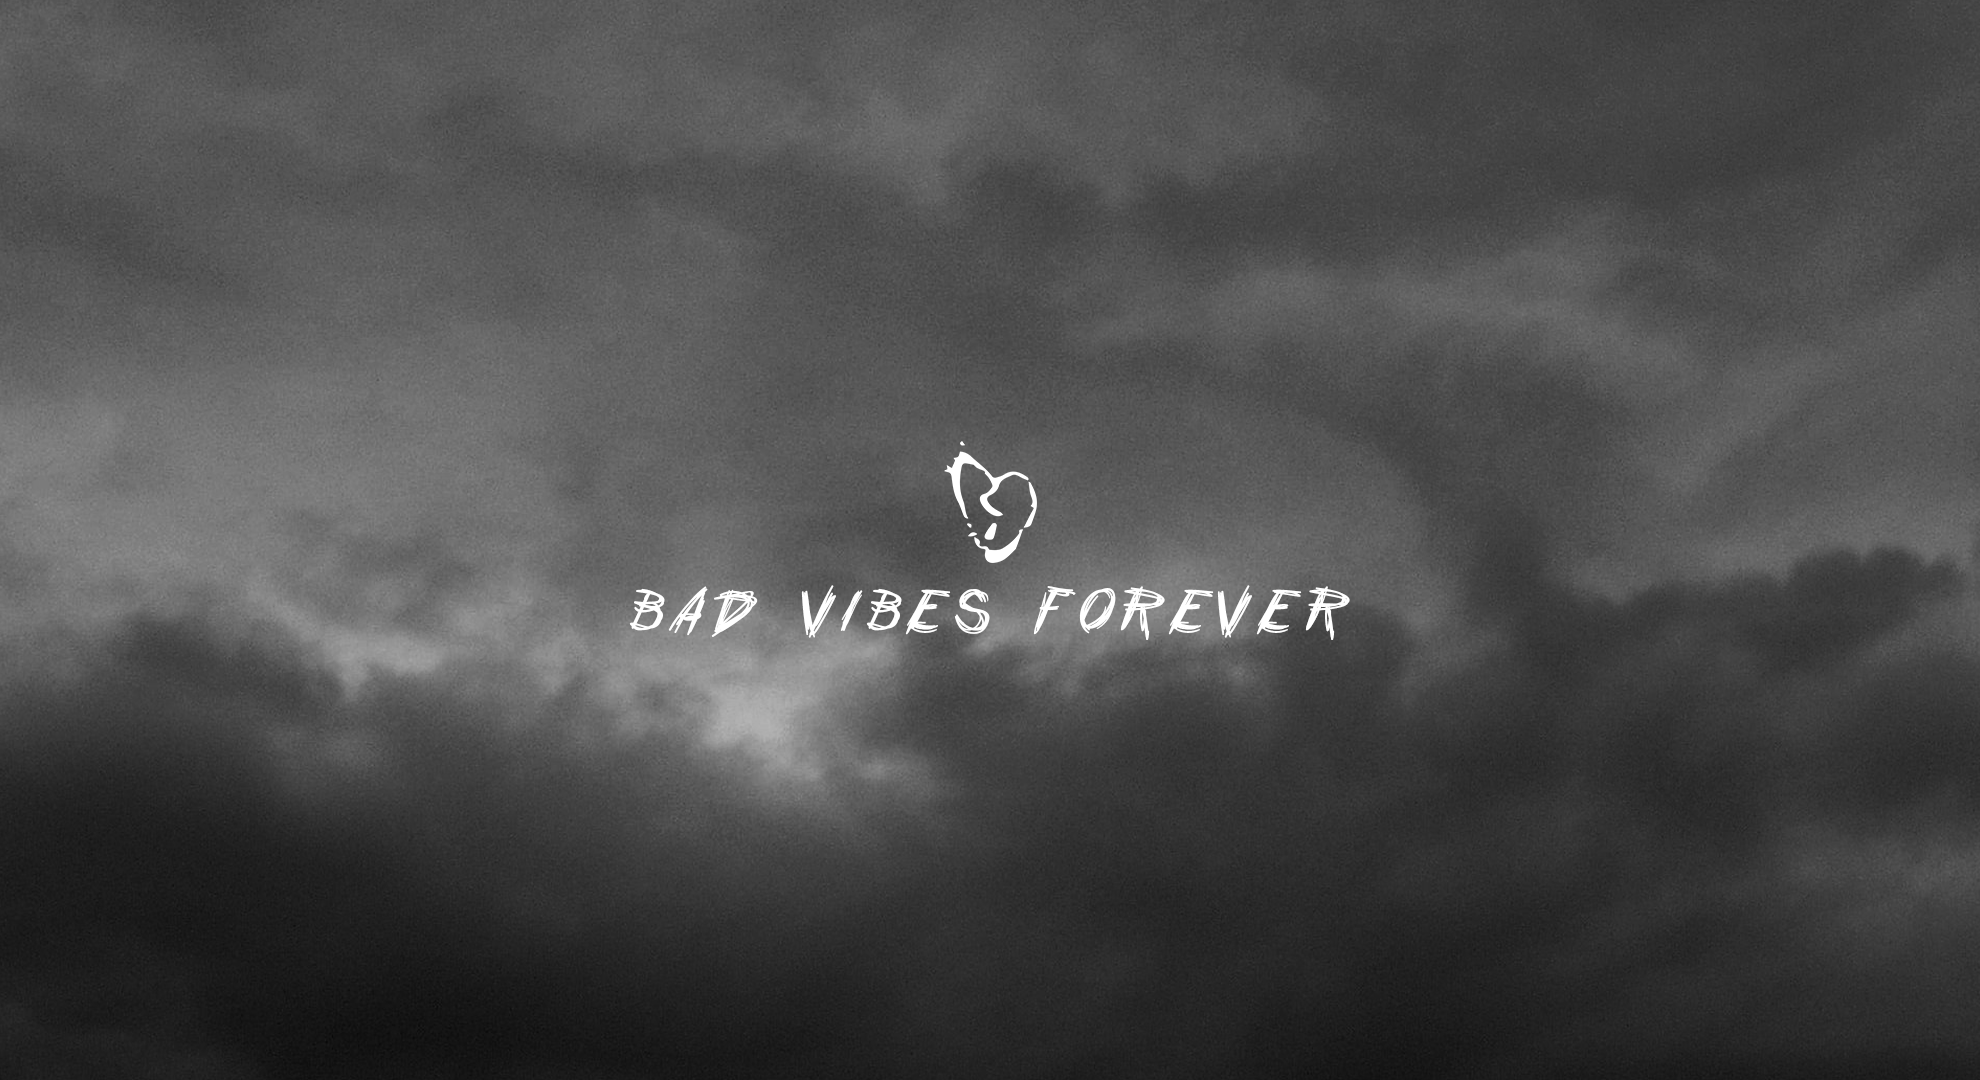 Bad Vibes Forever Wallpaper Hd 1980x1080 Wallpaper Teahub Io